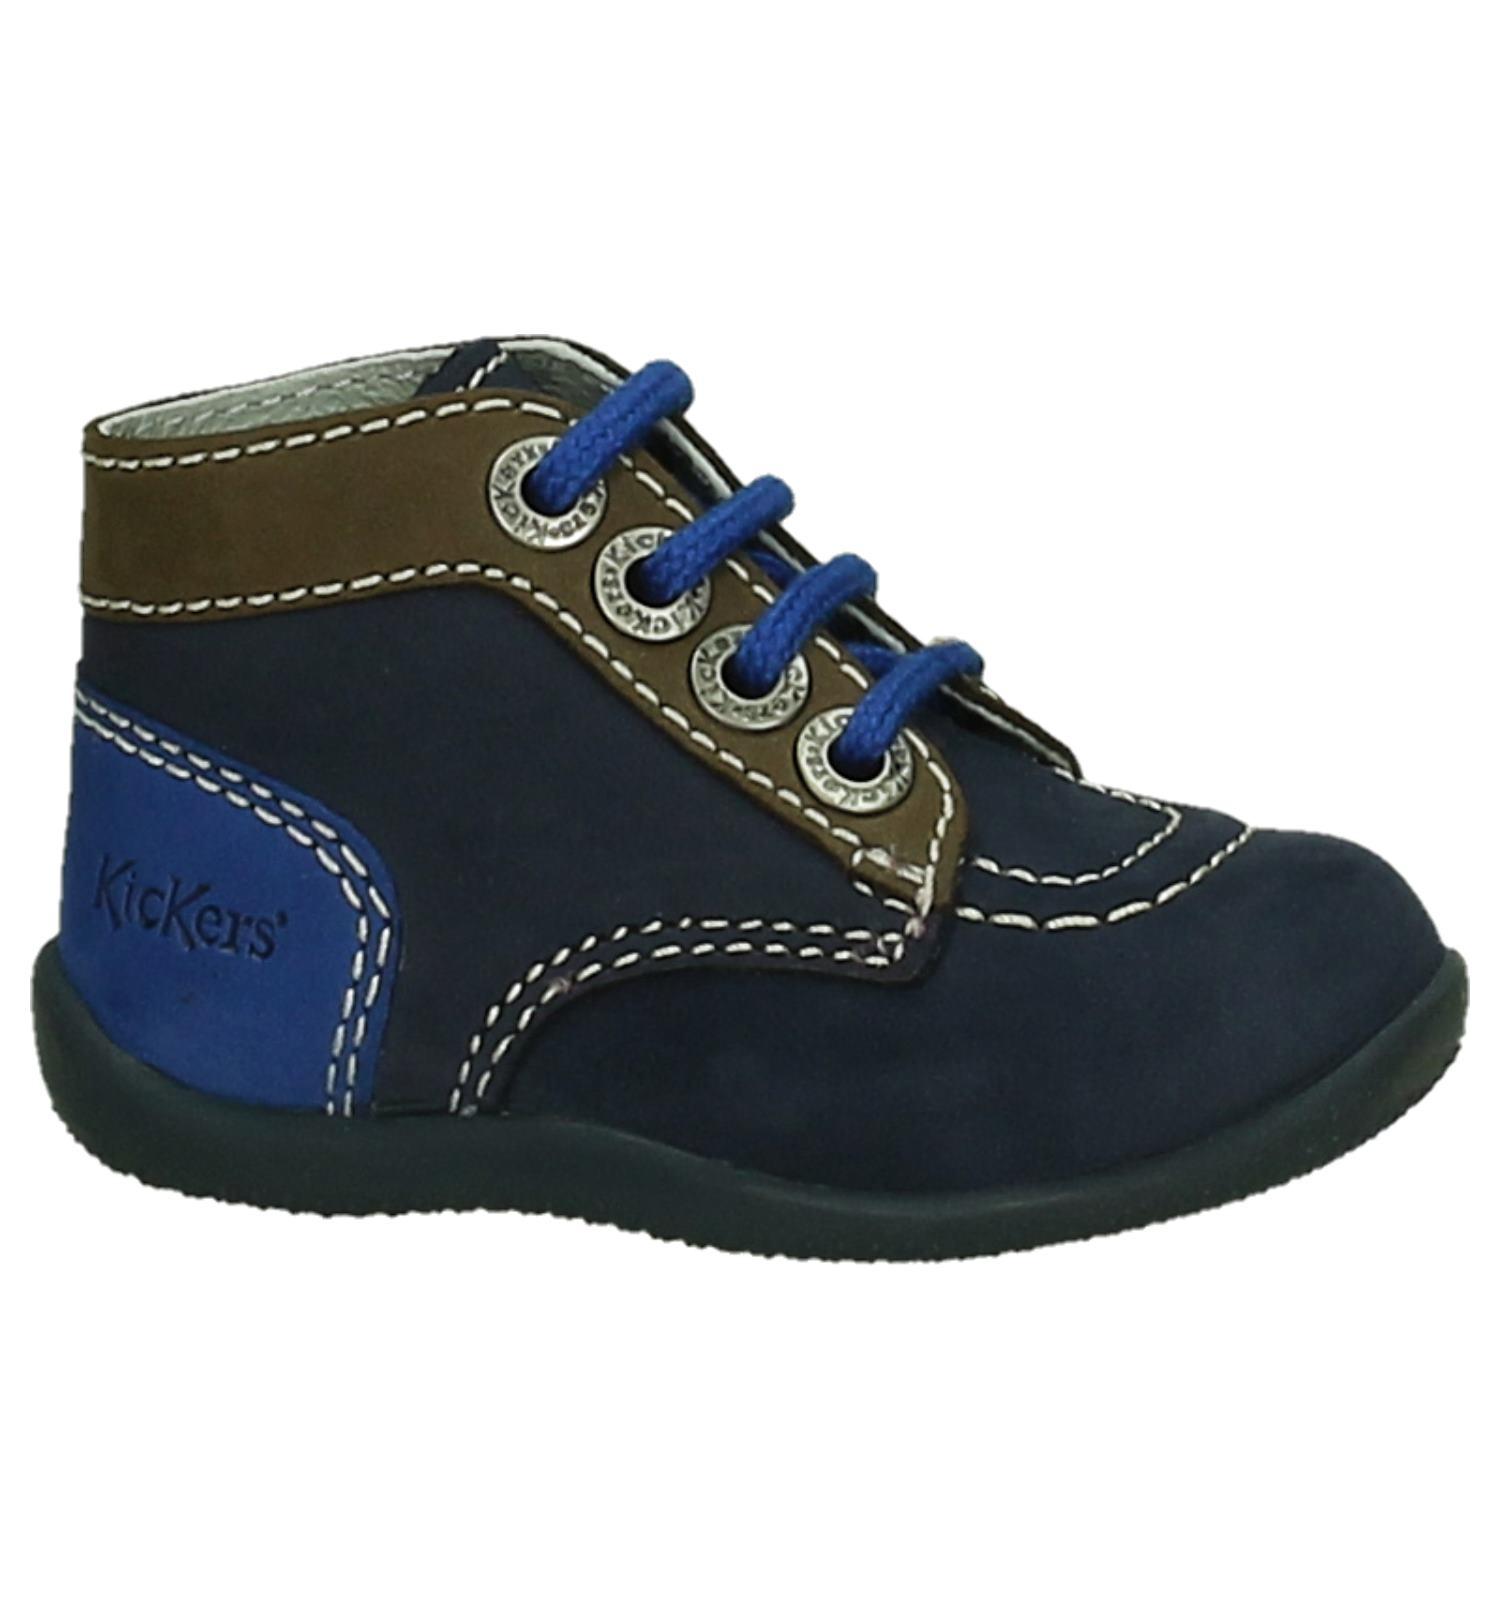 be bleu Livraison Kickers Chaussures Torfs Retour Bébé Et Pour aOOXqtw